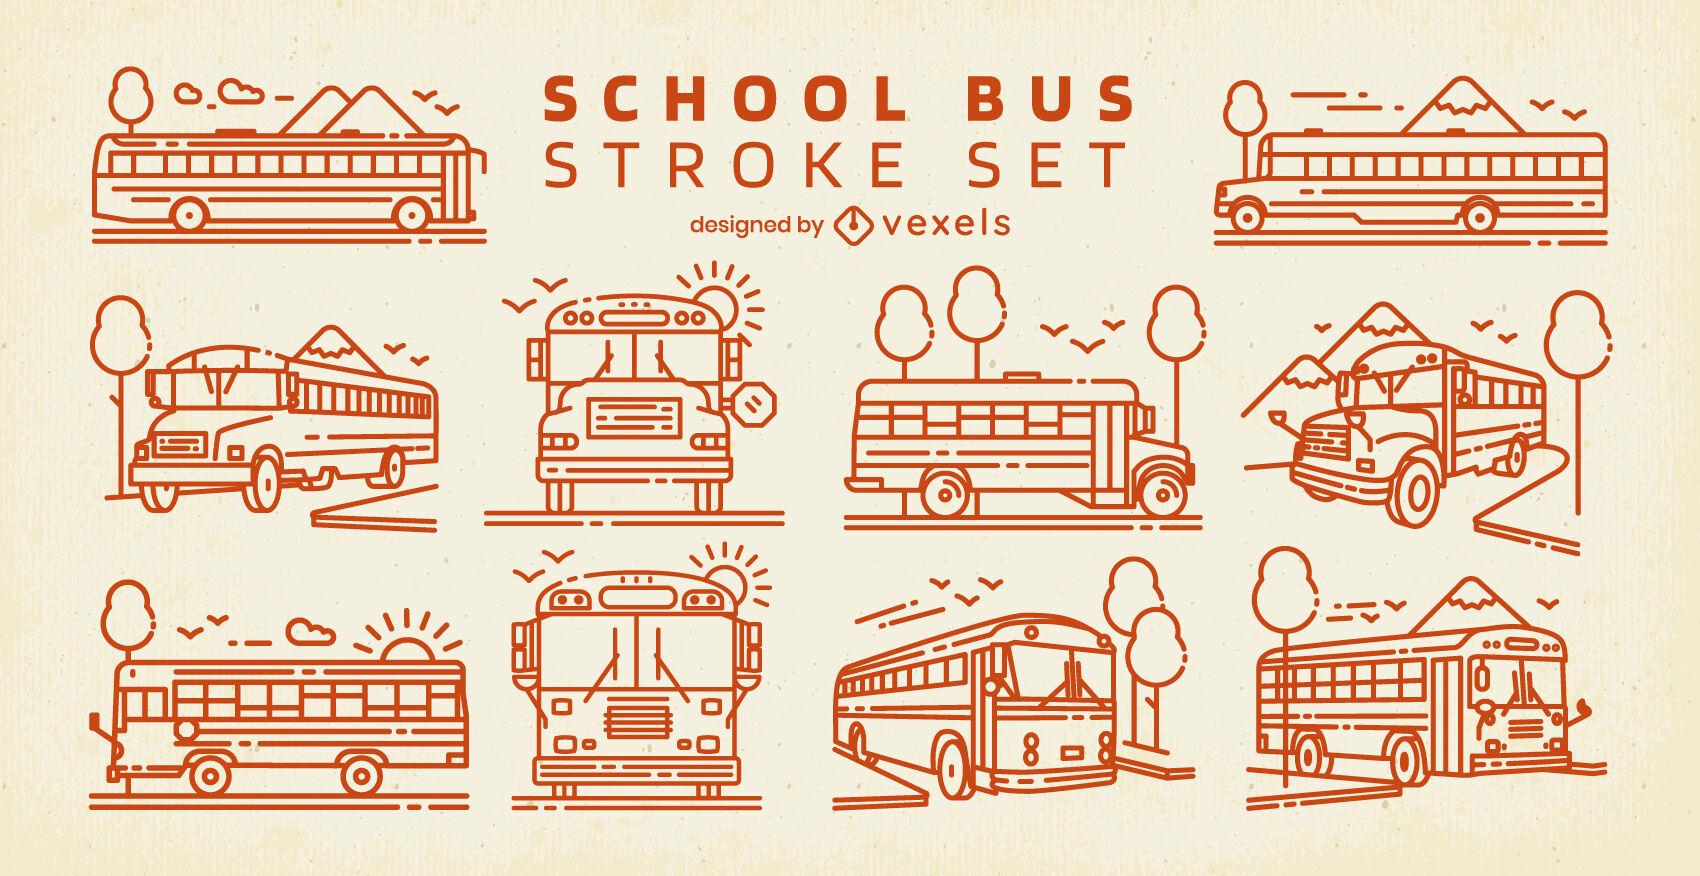 Conjunto de trazos de autobuses escolares